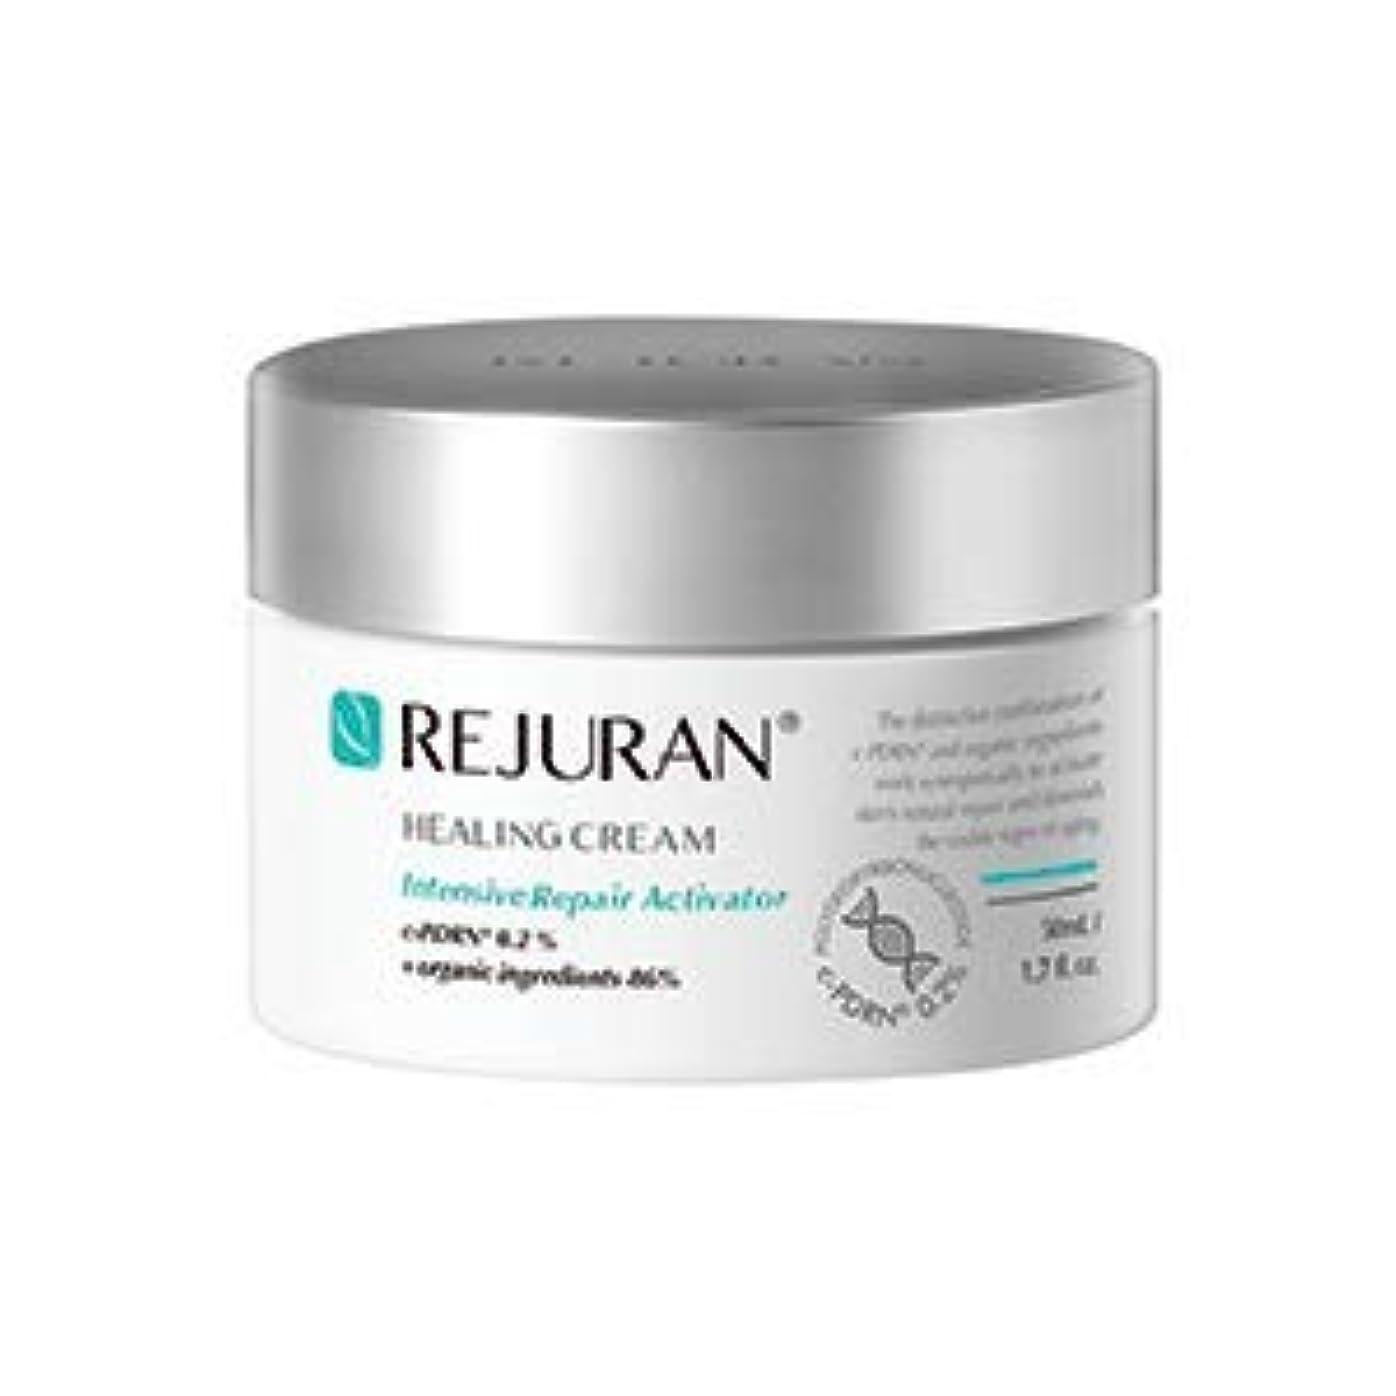 敵意涙突然[ 皮膚科最高級ブランド ] リジュラン ヒーリング クリーム 50ml.(シワ改善機能性)REJURAN Healin Cream 50ml. X Healing Mask 2p